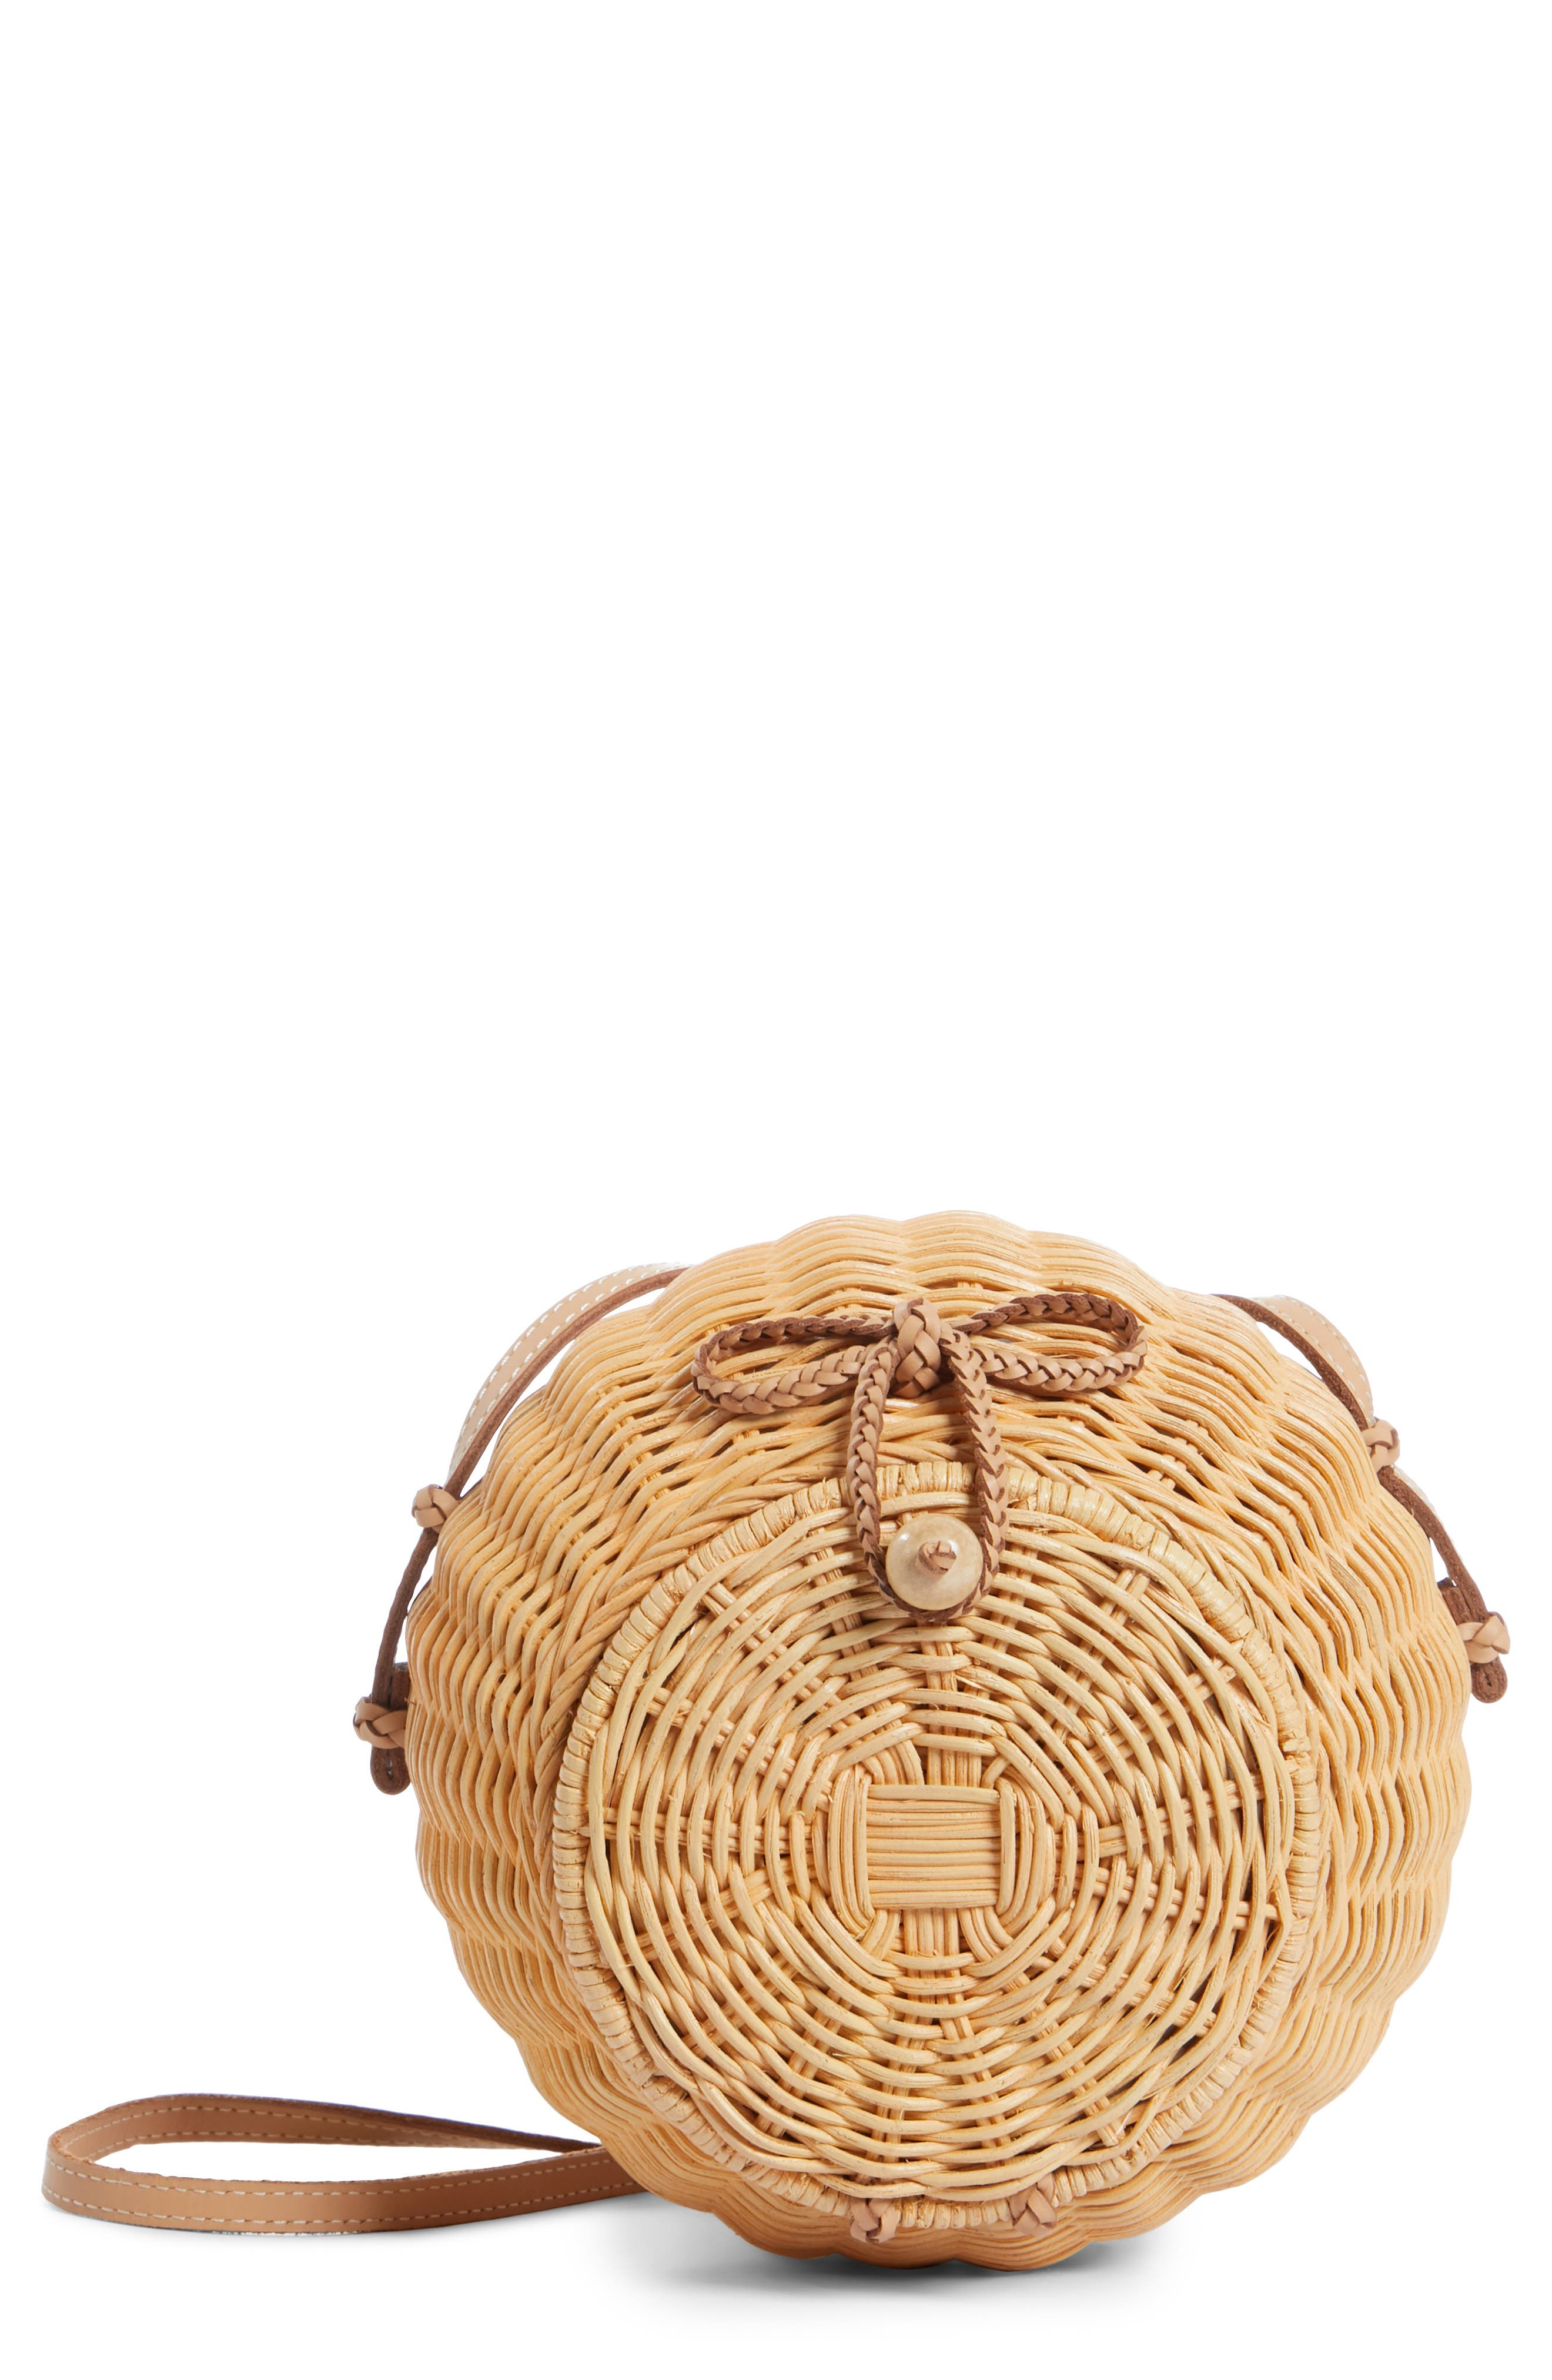 ULLA JOHNSON Pomme Woven Rattan Shoulder Bag, Main, color, NATURAL